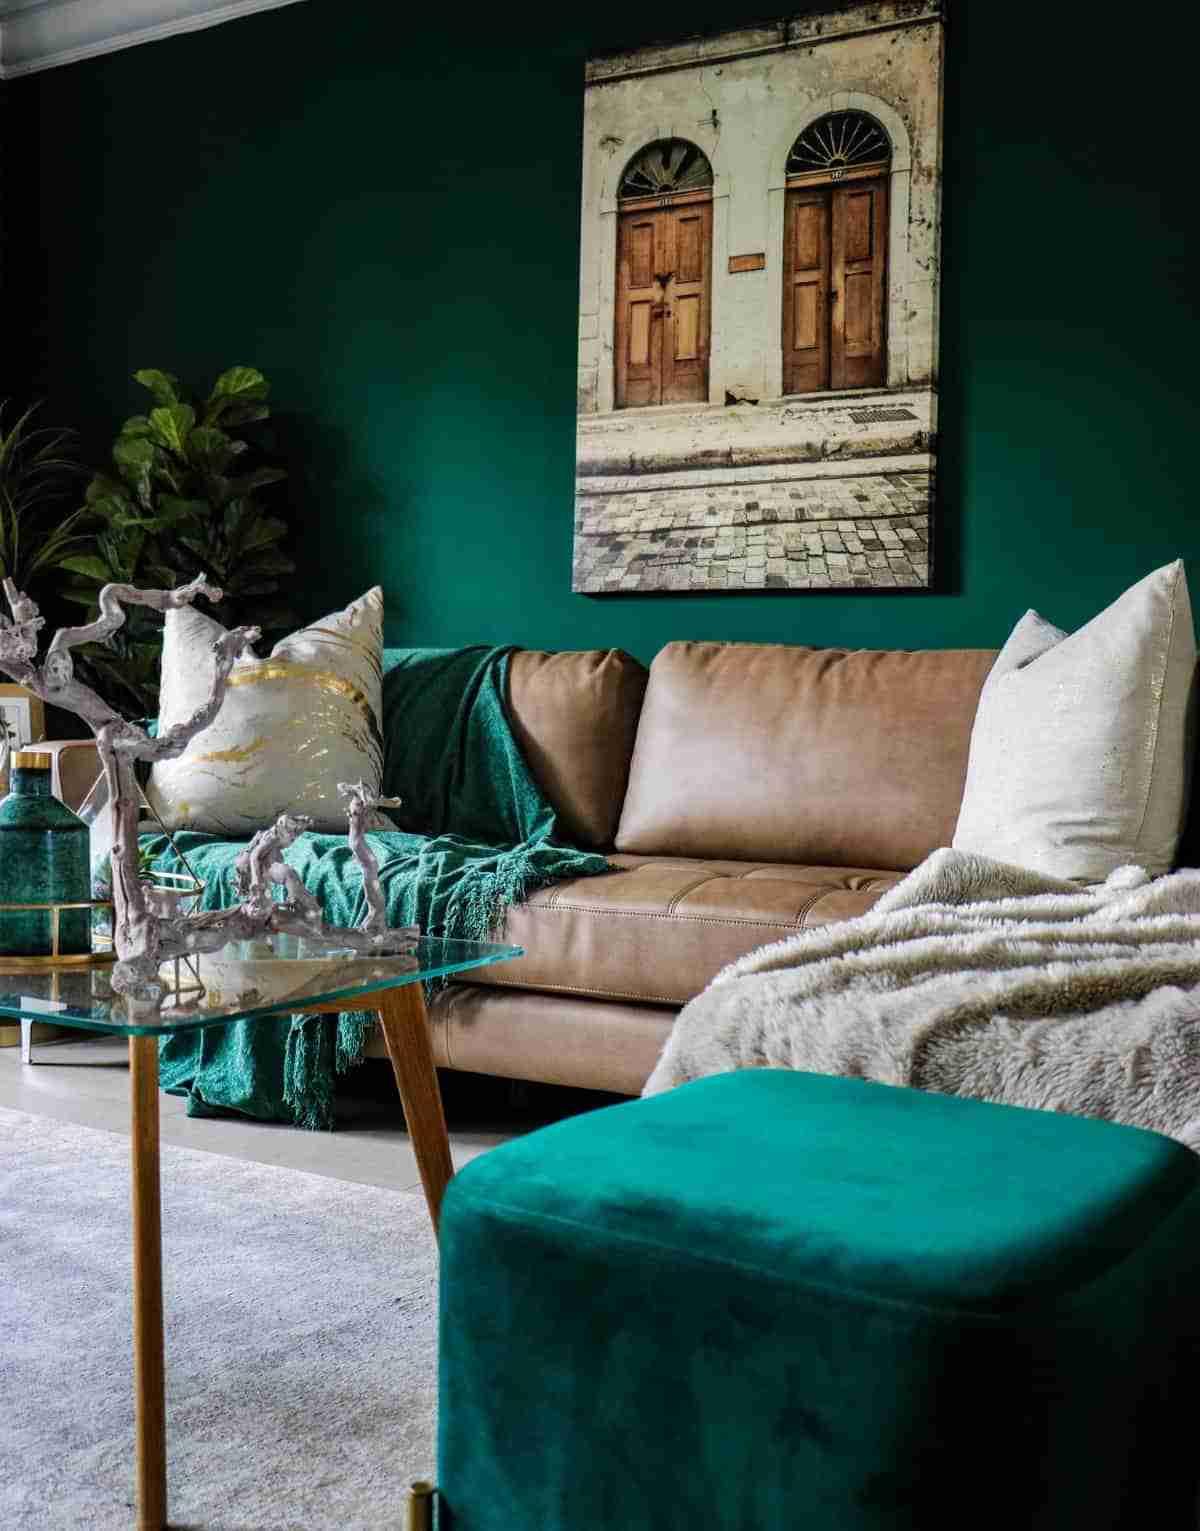 ventajas tonalidades del verde oscuro